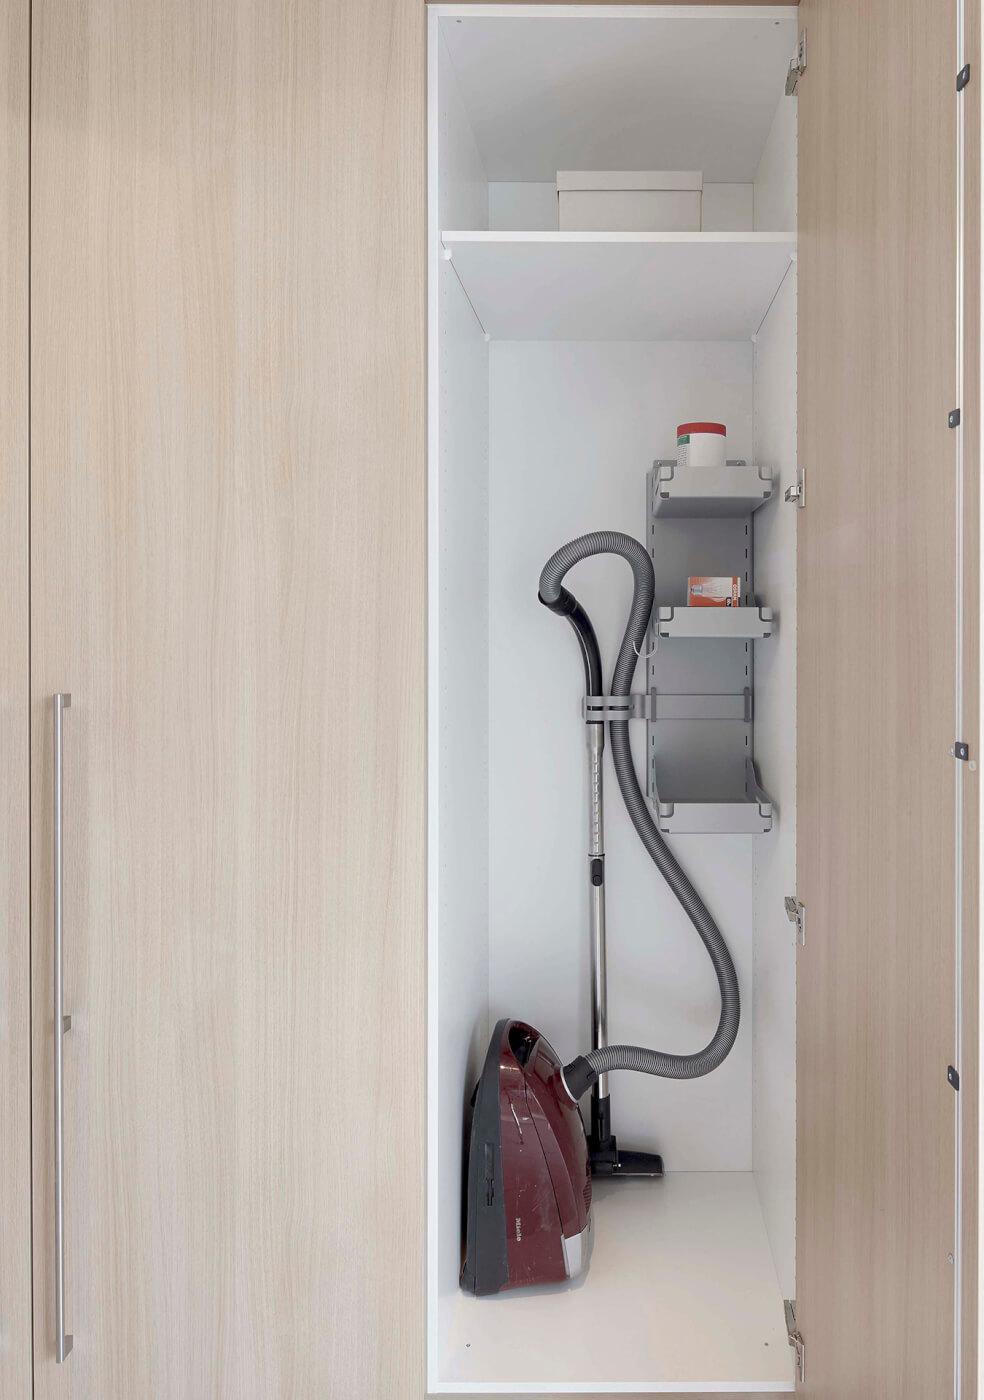 schranksystem begegnungen f r die sinne mn k chen von. Black Bedroom Furniture Sets. Home Design Ideas